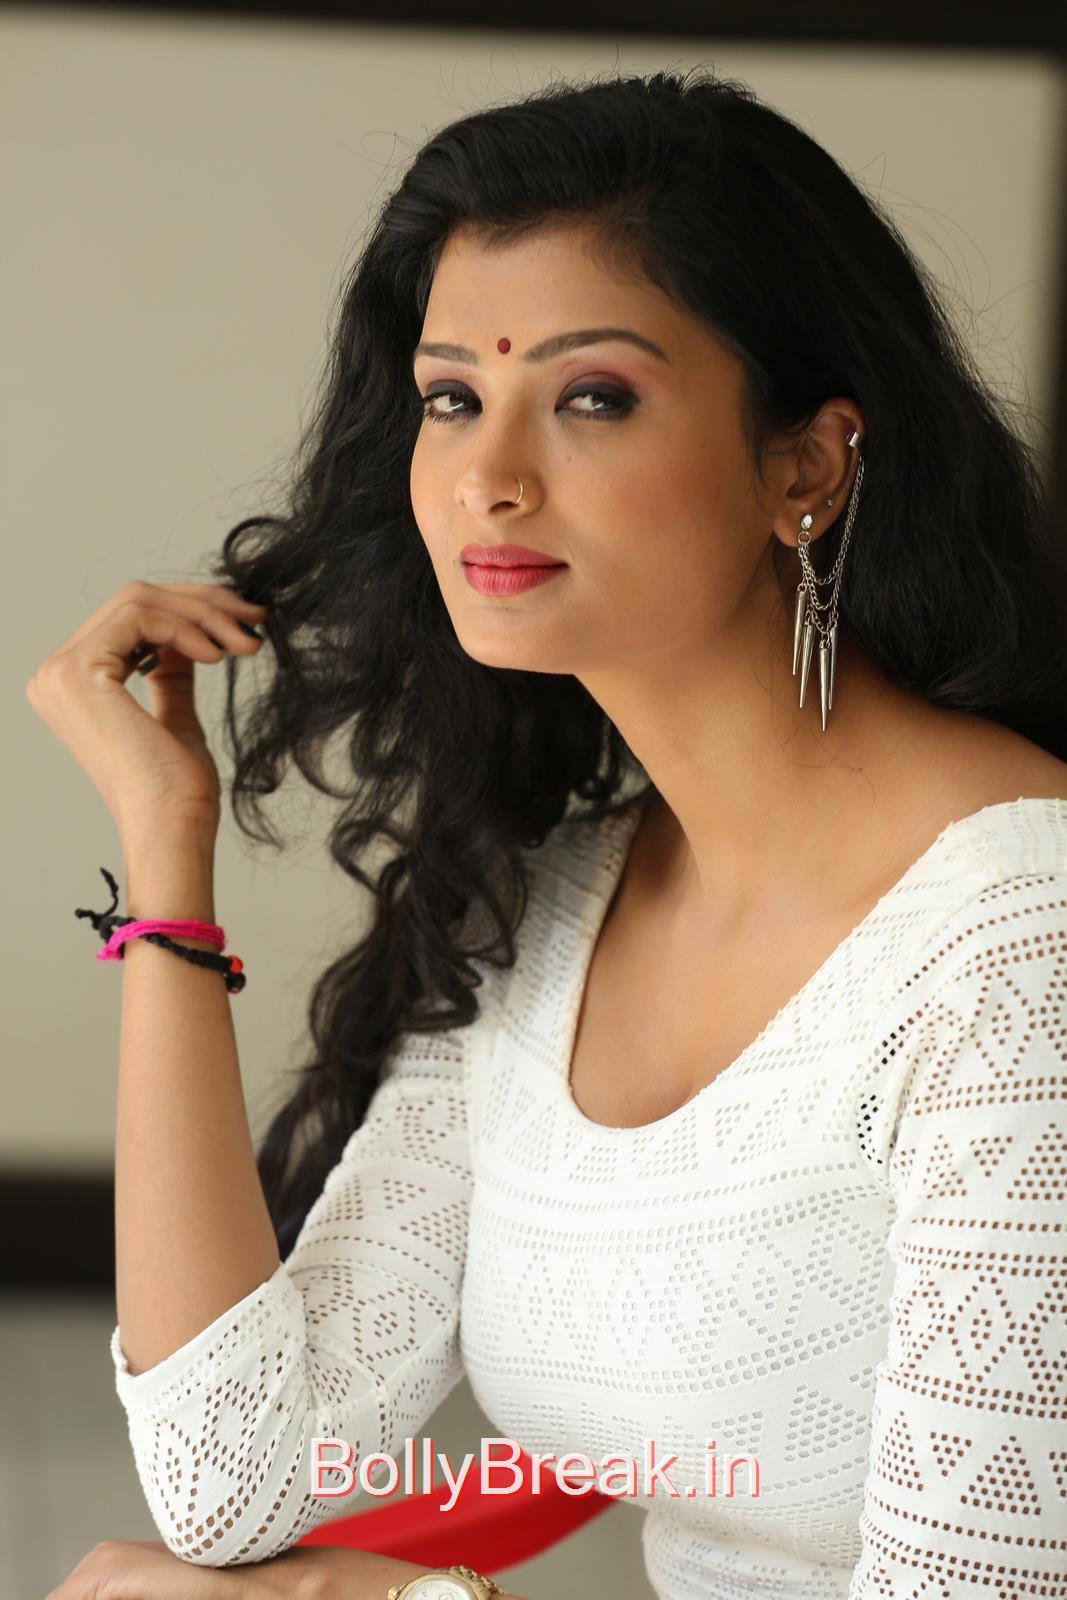 Ishita Photo Gallery with no Watermarks, Actress Ishita Face Close Up Hot HD Pics